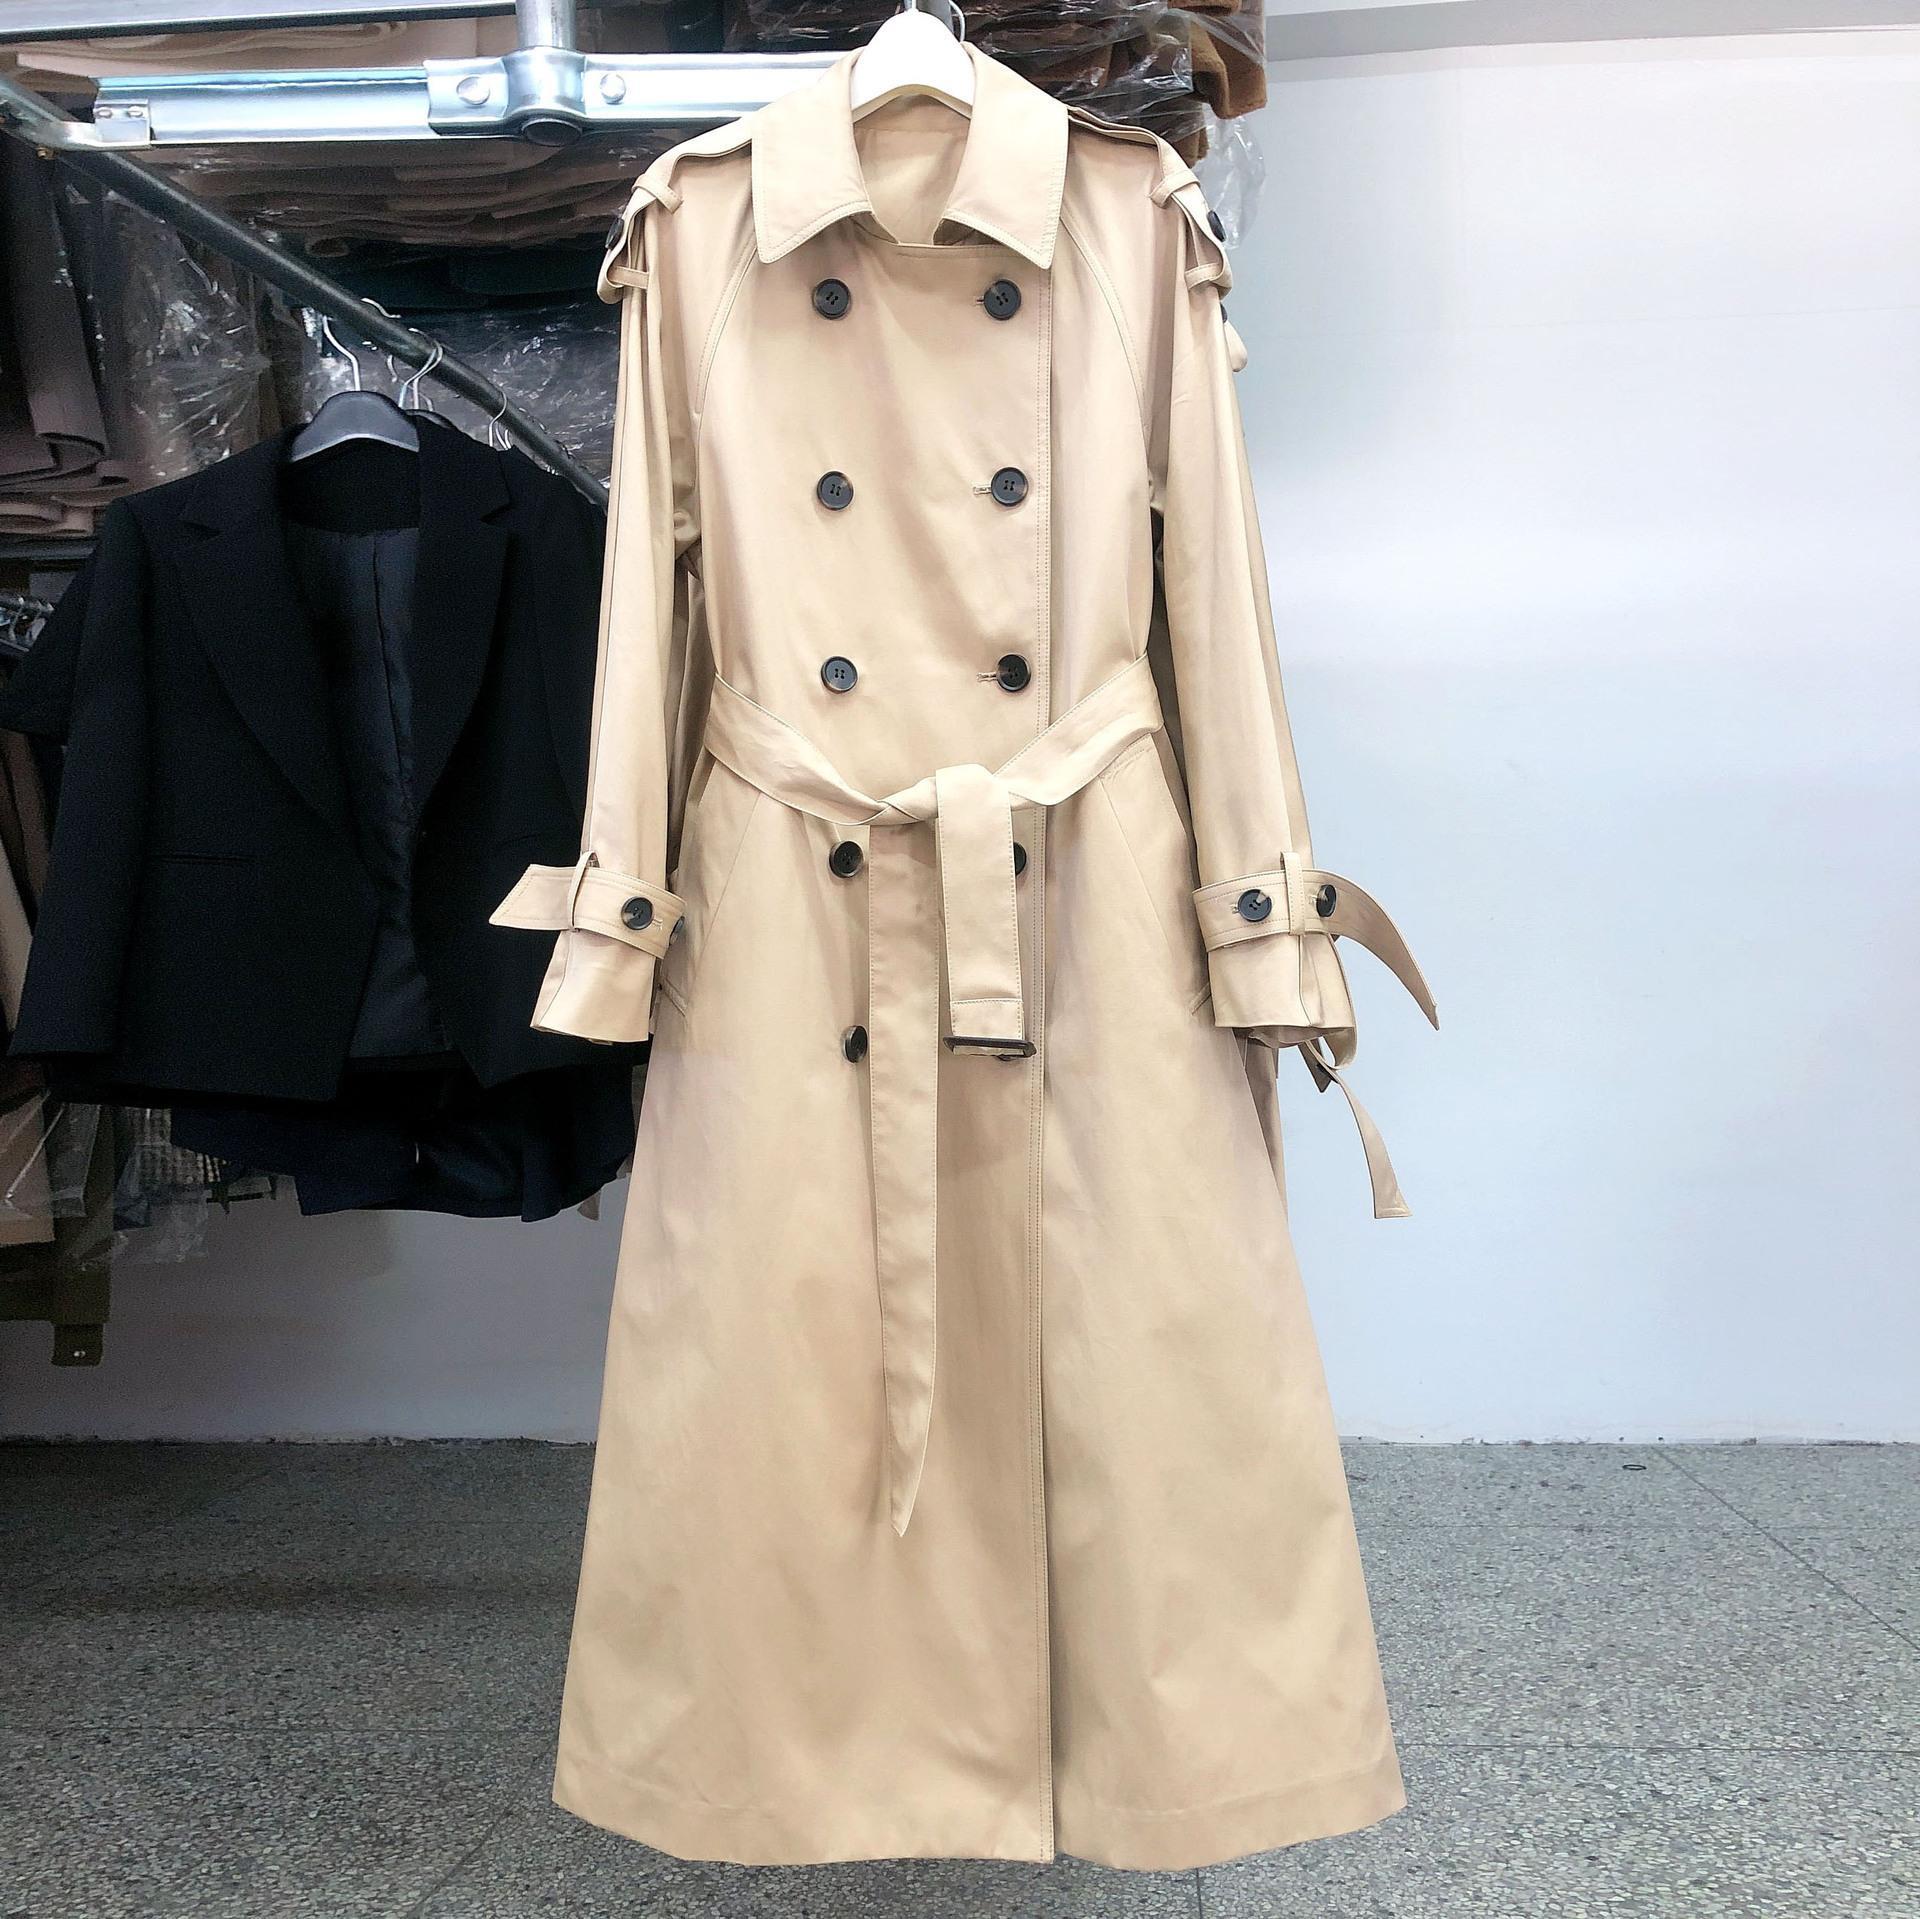 f4c7e1e0fc801 Satın Al Fashion2019 Sezonu Orta Uzunlukta Paragraf Diz Üzerinde Kadın  Gevşek Ceket Haki Mizaç Kadın Palto Rüzgarlık Eğlence Zamanlanmış, $95.67 |  DHgate.